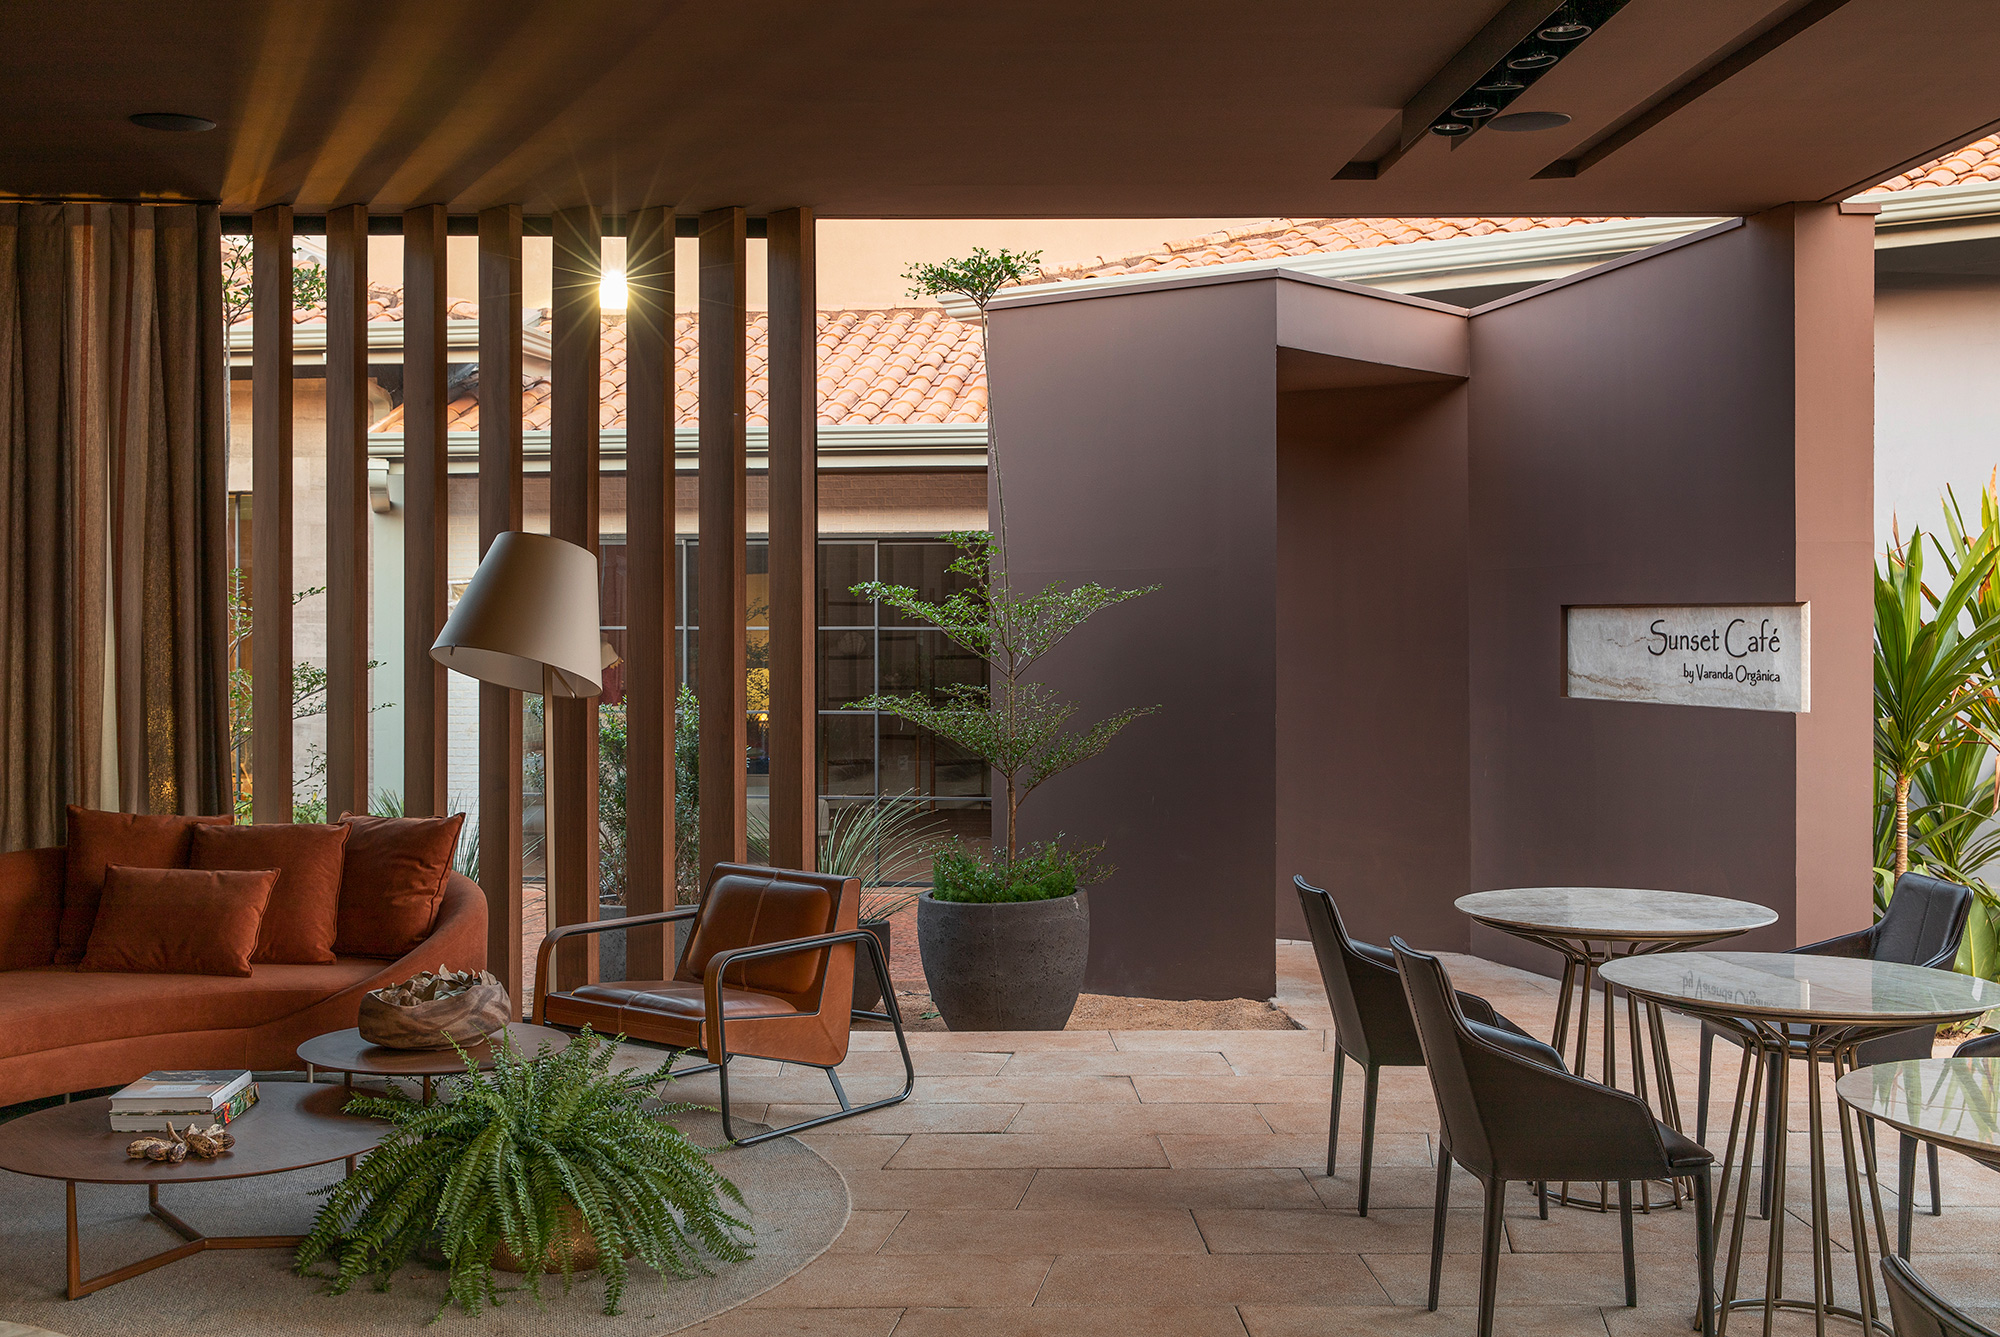 Cristina Capanema e Matheus Vilela - Cafe Sunset, projeto da CASACOR Ribeirão Preto 2021.